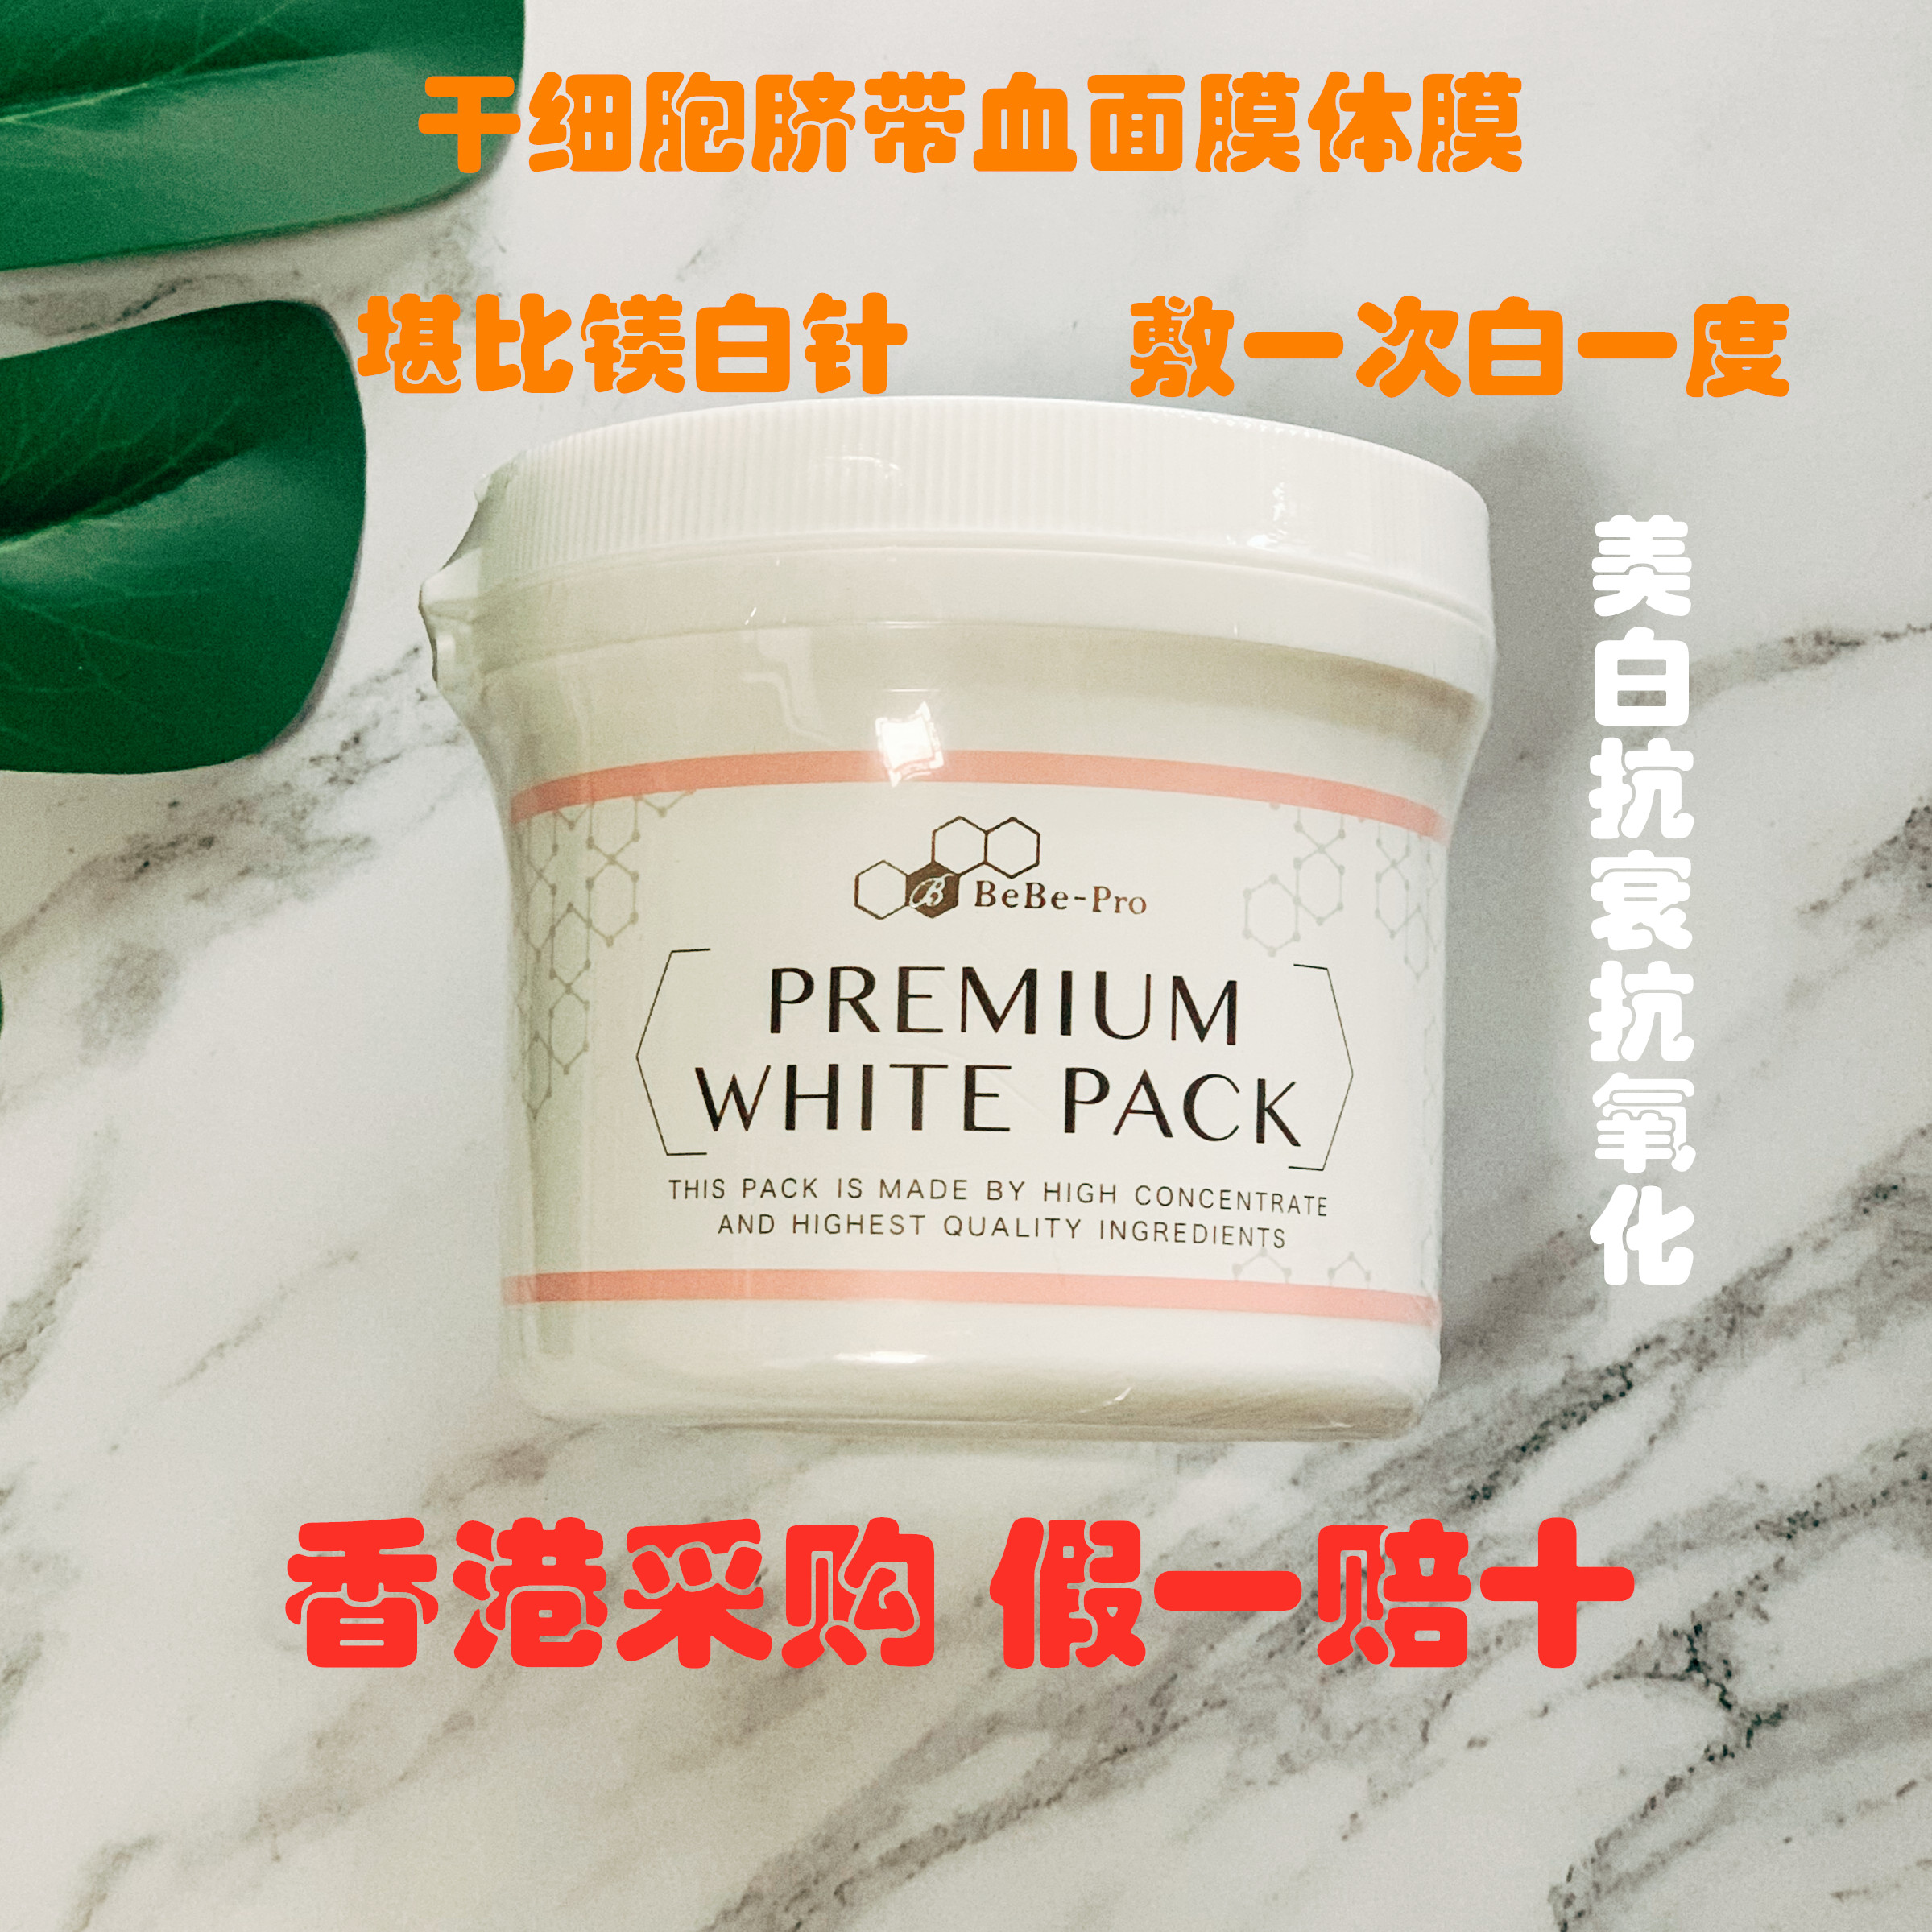 日本银座BeBe-Pro PLACENTA 脐带血补水美白膜修复面膜体膜400g正